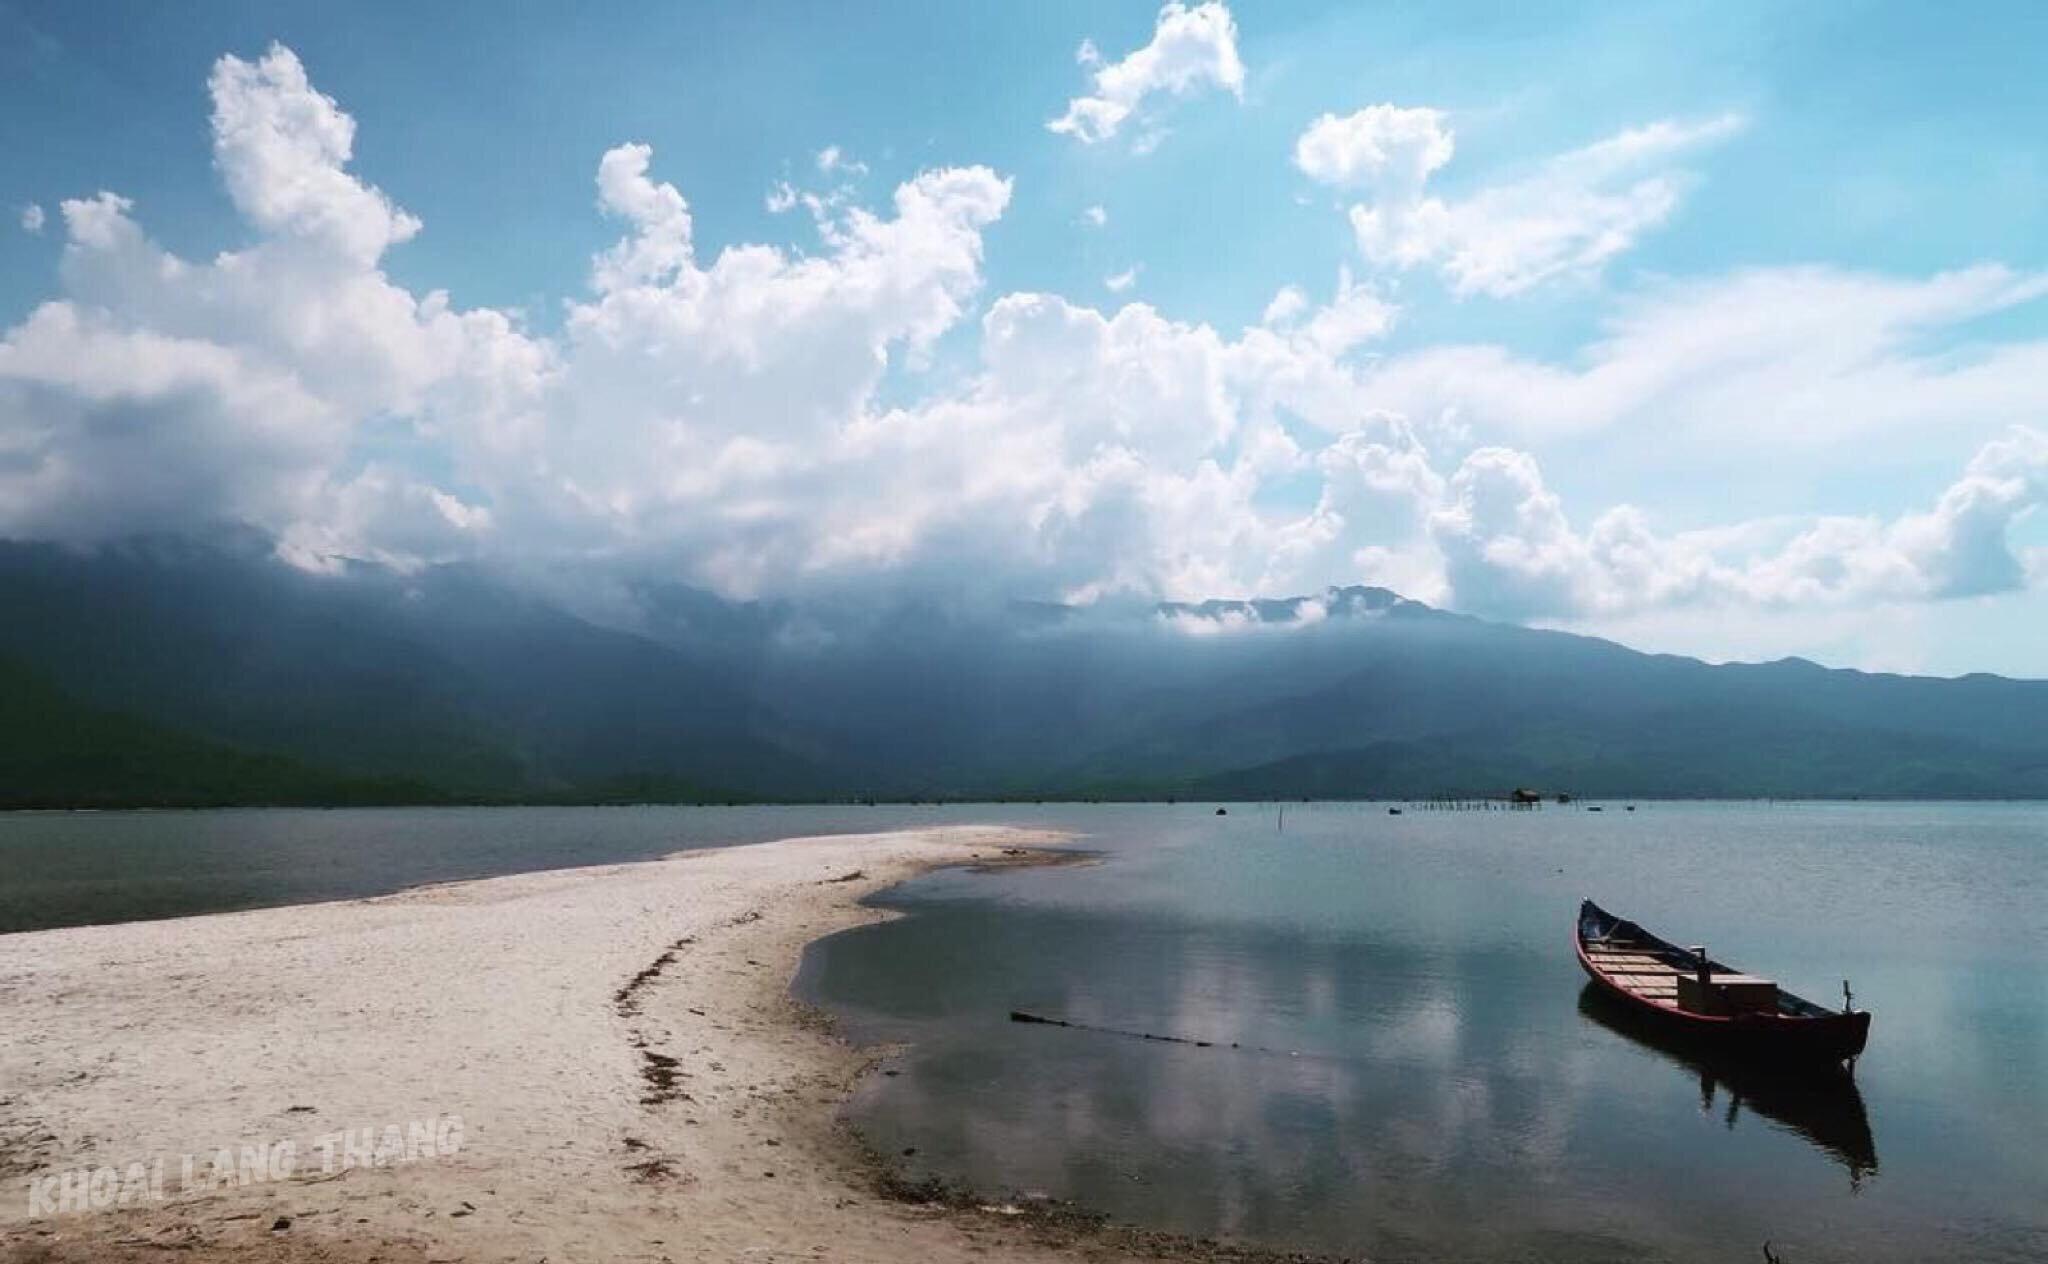 Đất nước qua góc nhìn của Khoai Lang Thang